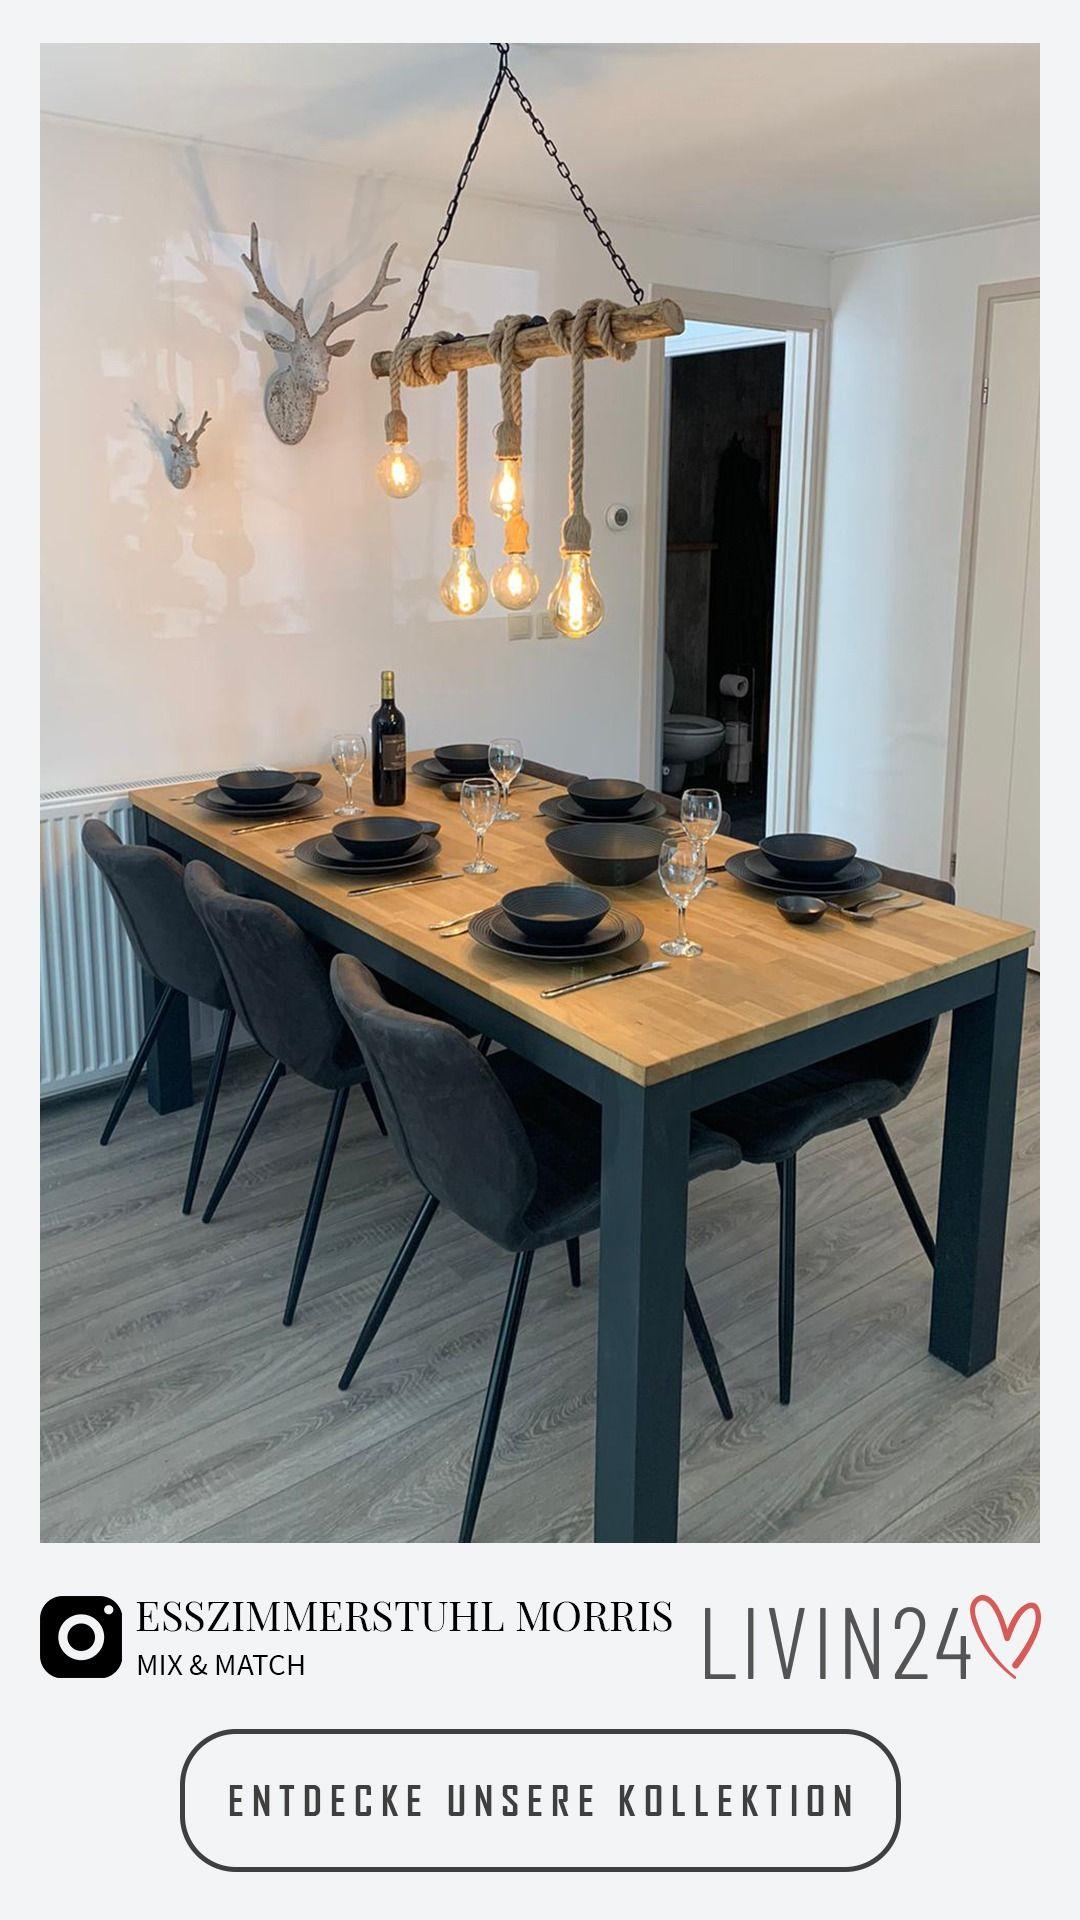 Der perfekte Esszimmerstuhl für deinen Esstisch